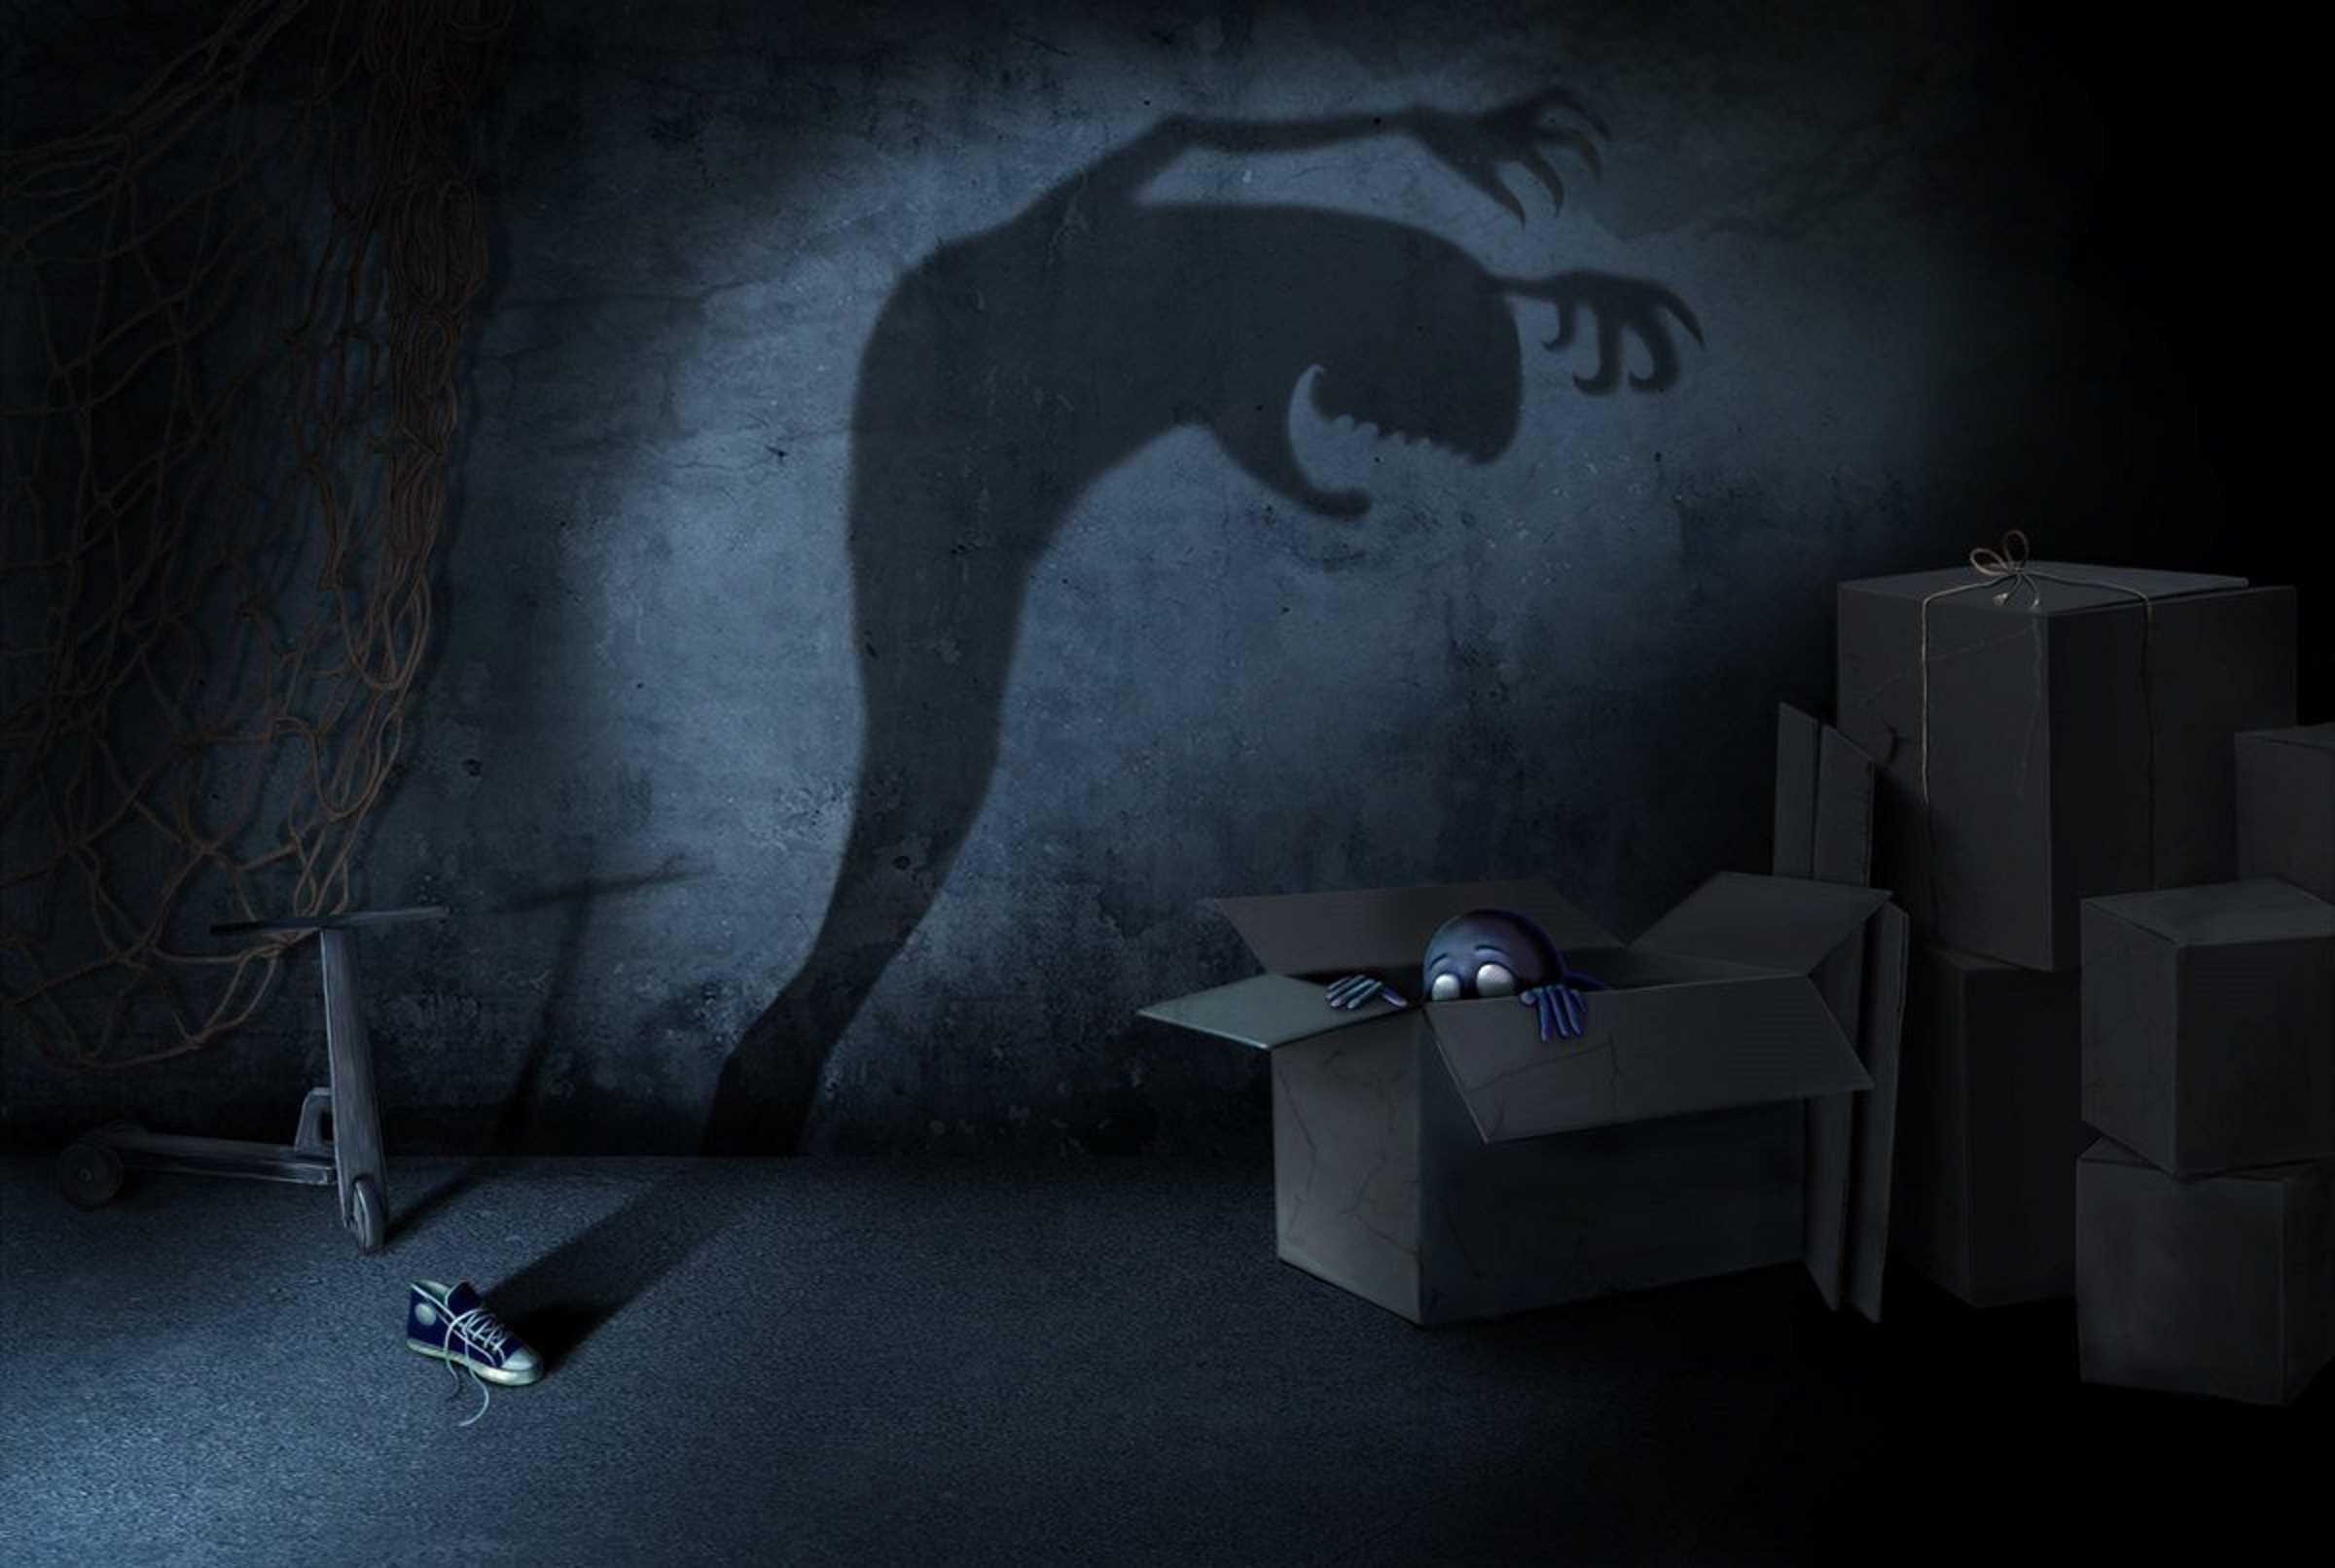 фото жабы в темноте она гармонирует